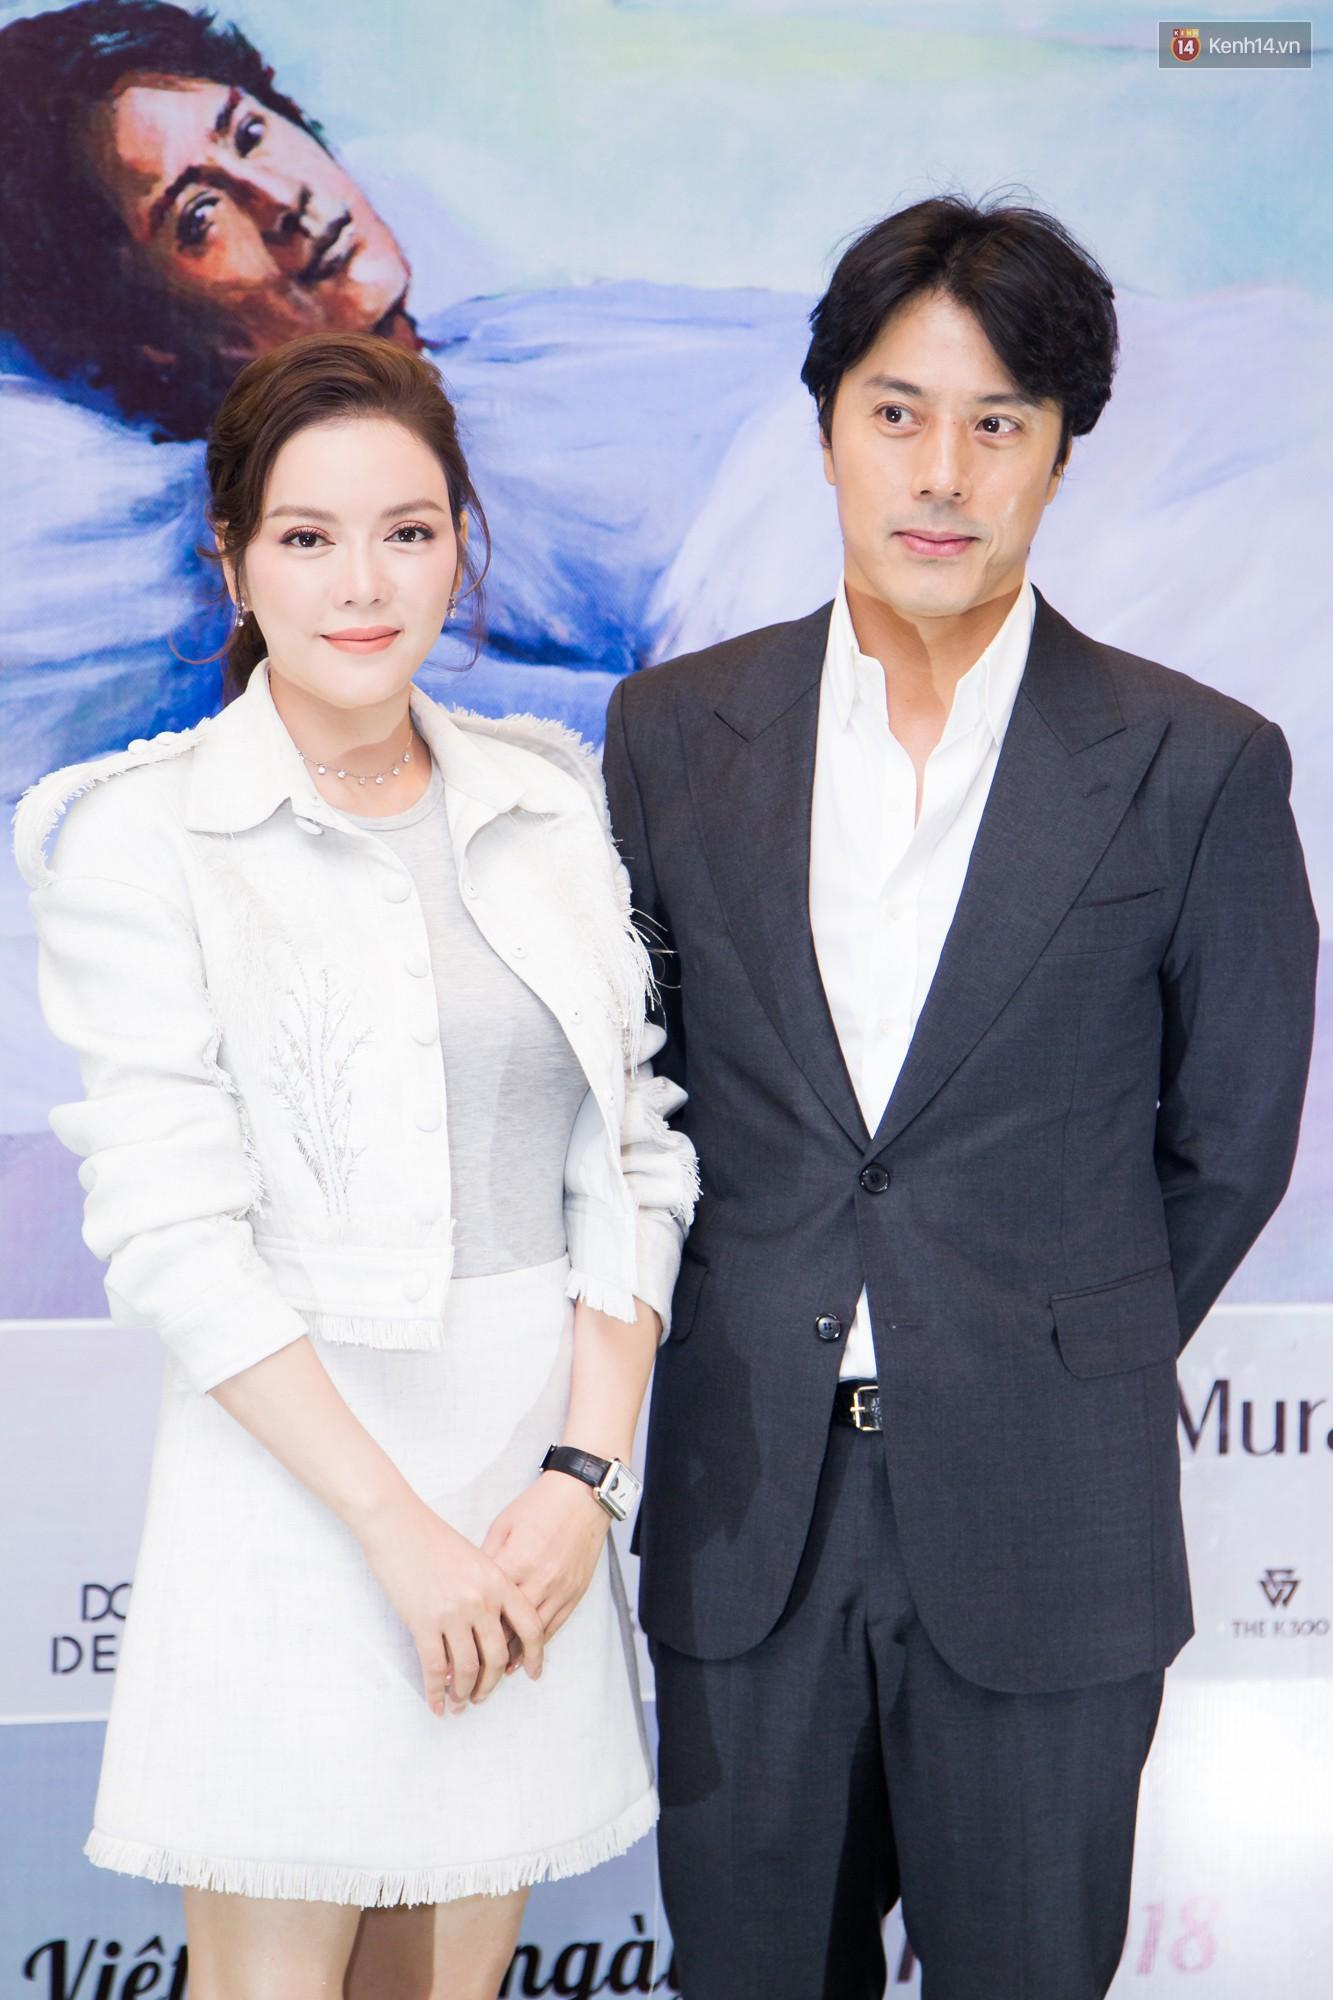 Tài tử Giày Thủy Tinh Han Jae Suk mặt lạnh như tiền ở buổi công bố dự án hợp tác cùng Lý Nhã Kỳ - Ảnh 1.